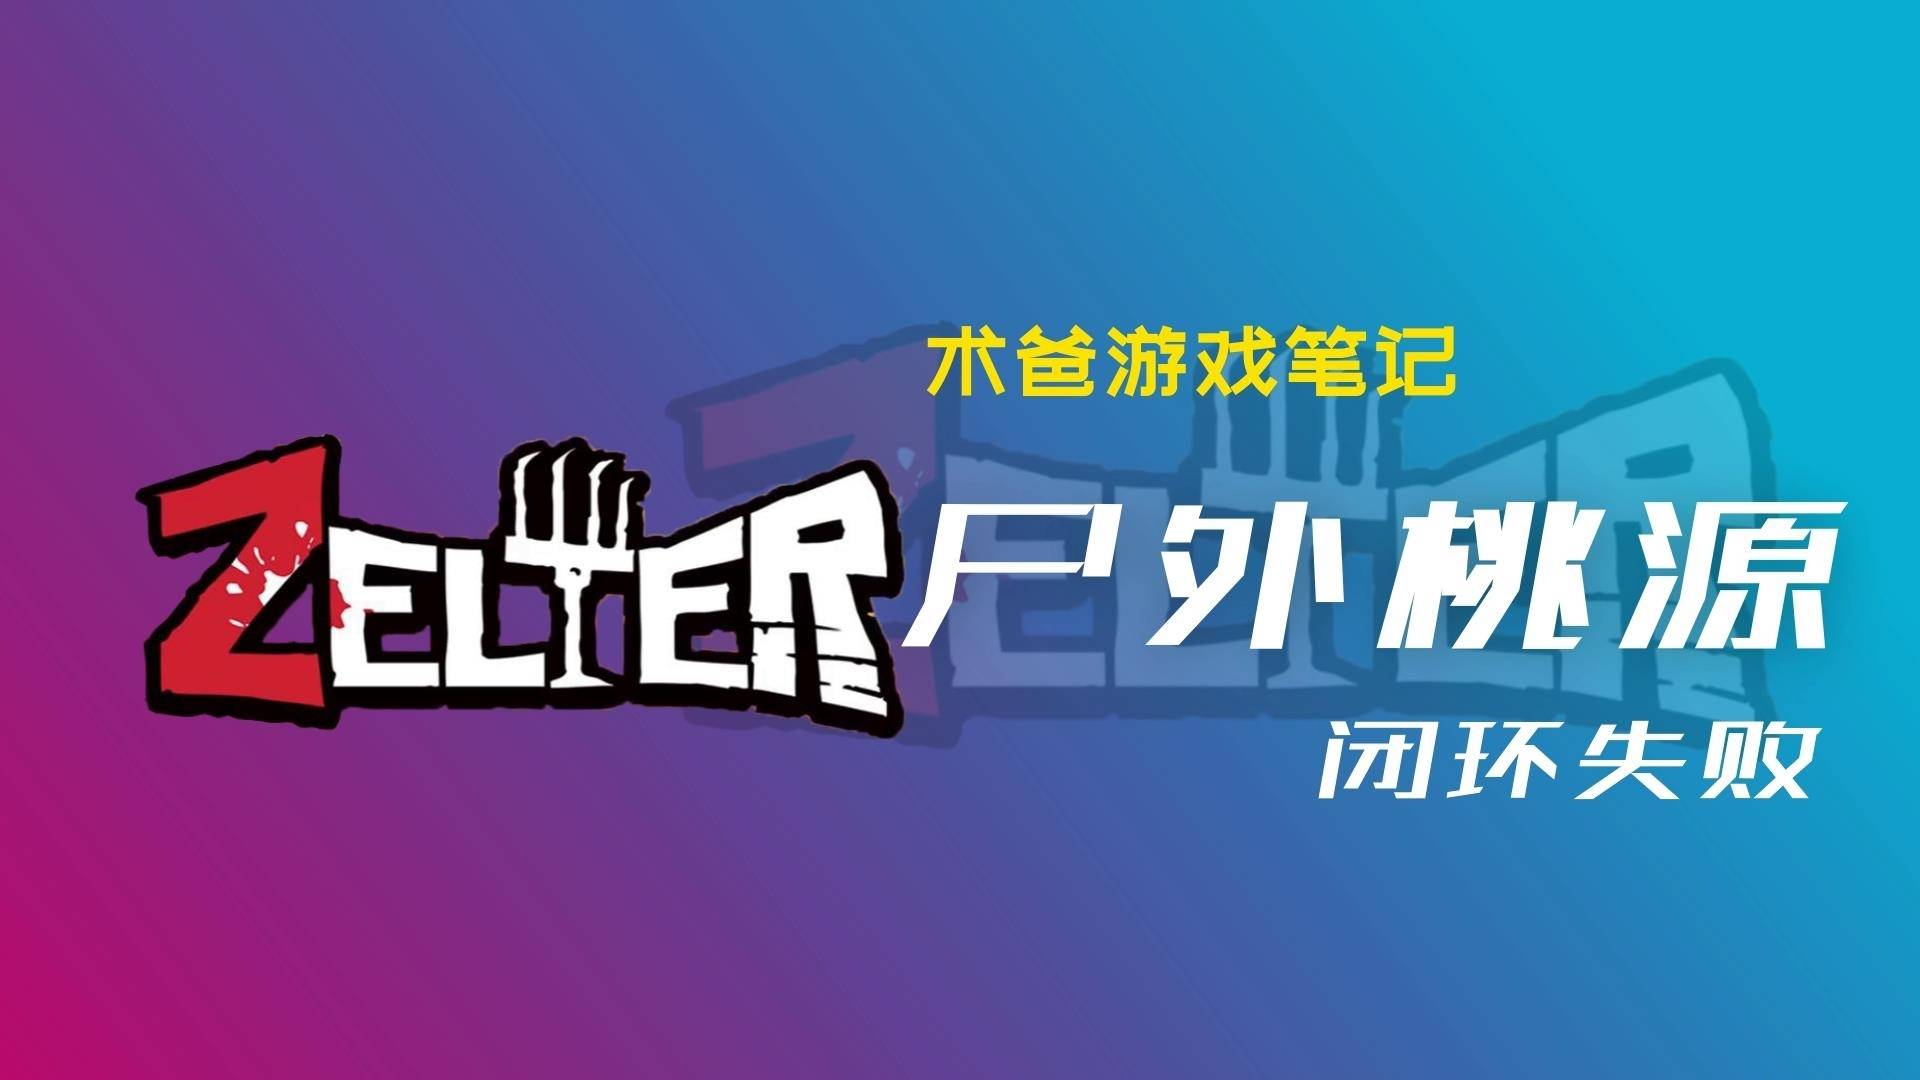 【术爸游戏笔记】尸外桃源:粗糙经济系统下的全面溃败